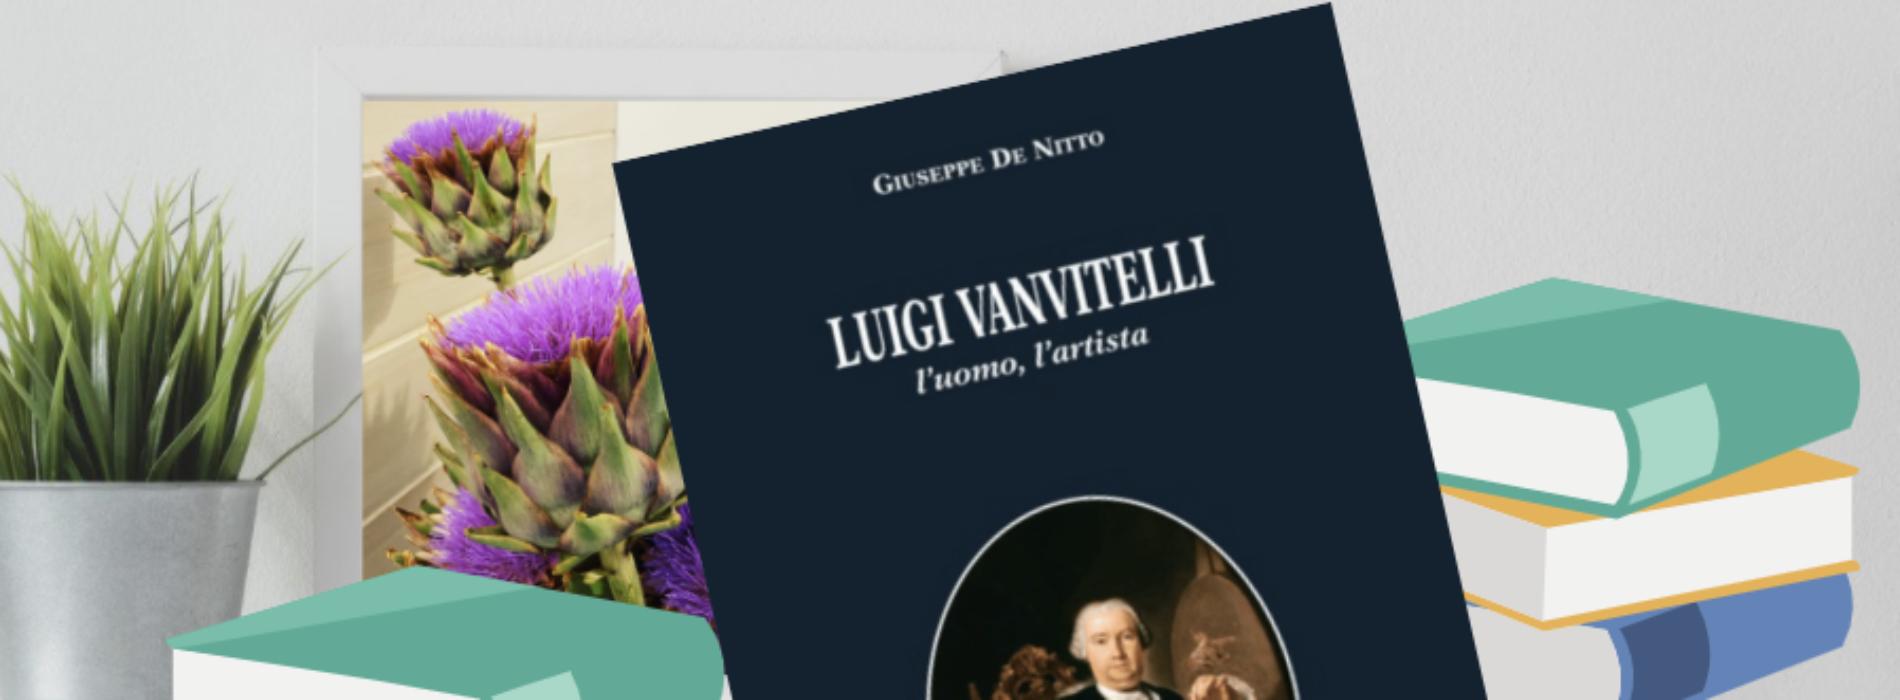 Vi racconto il vero Luigi Vanvitelli, parola di Giuseppe De Nitto